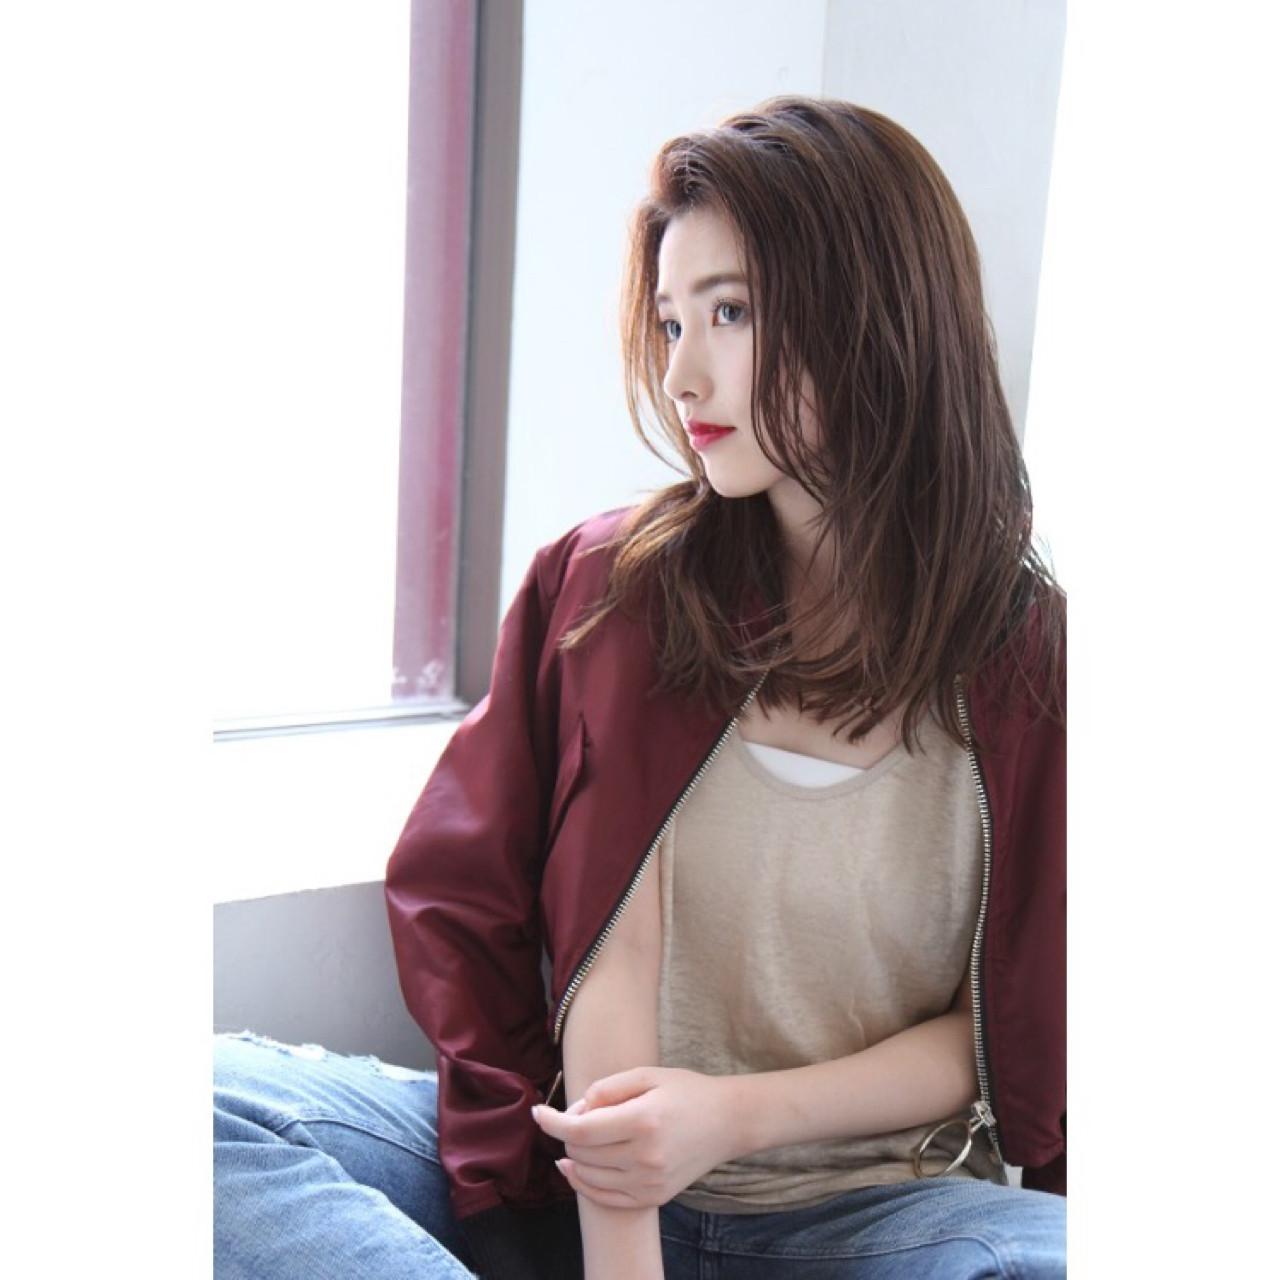 モテ度高め♡石原さとみさん風ミディアム 眞鳥康史/joemi by Un ami | Joemi by Un ami(ジョエミ バイ アンアミ)